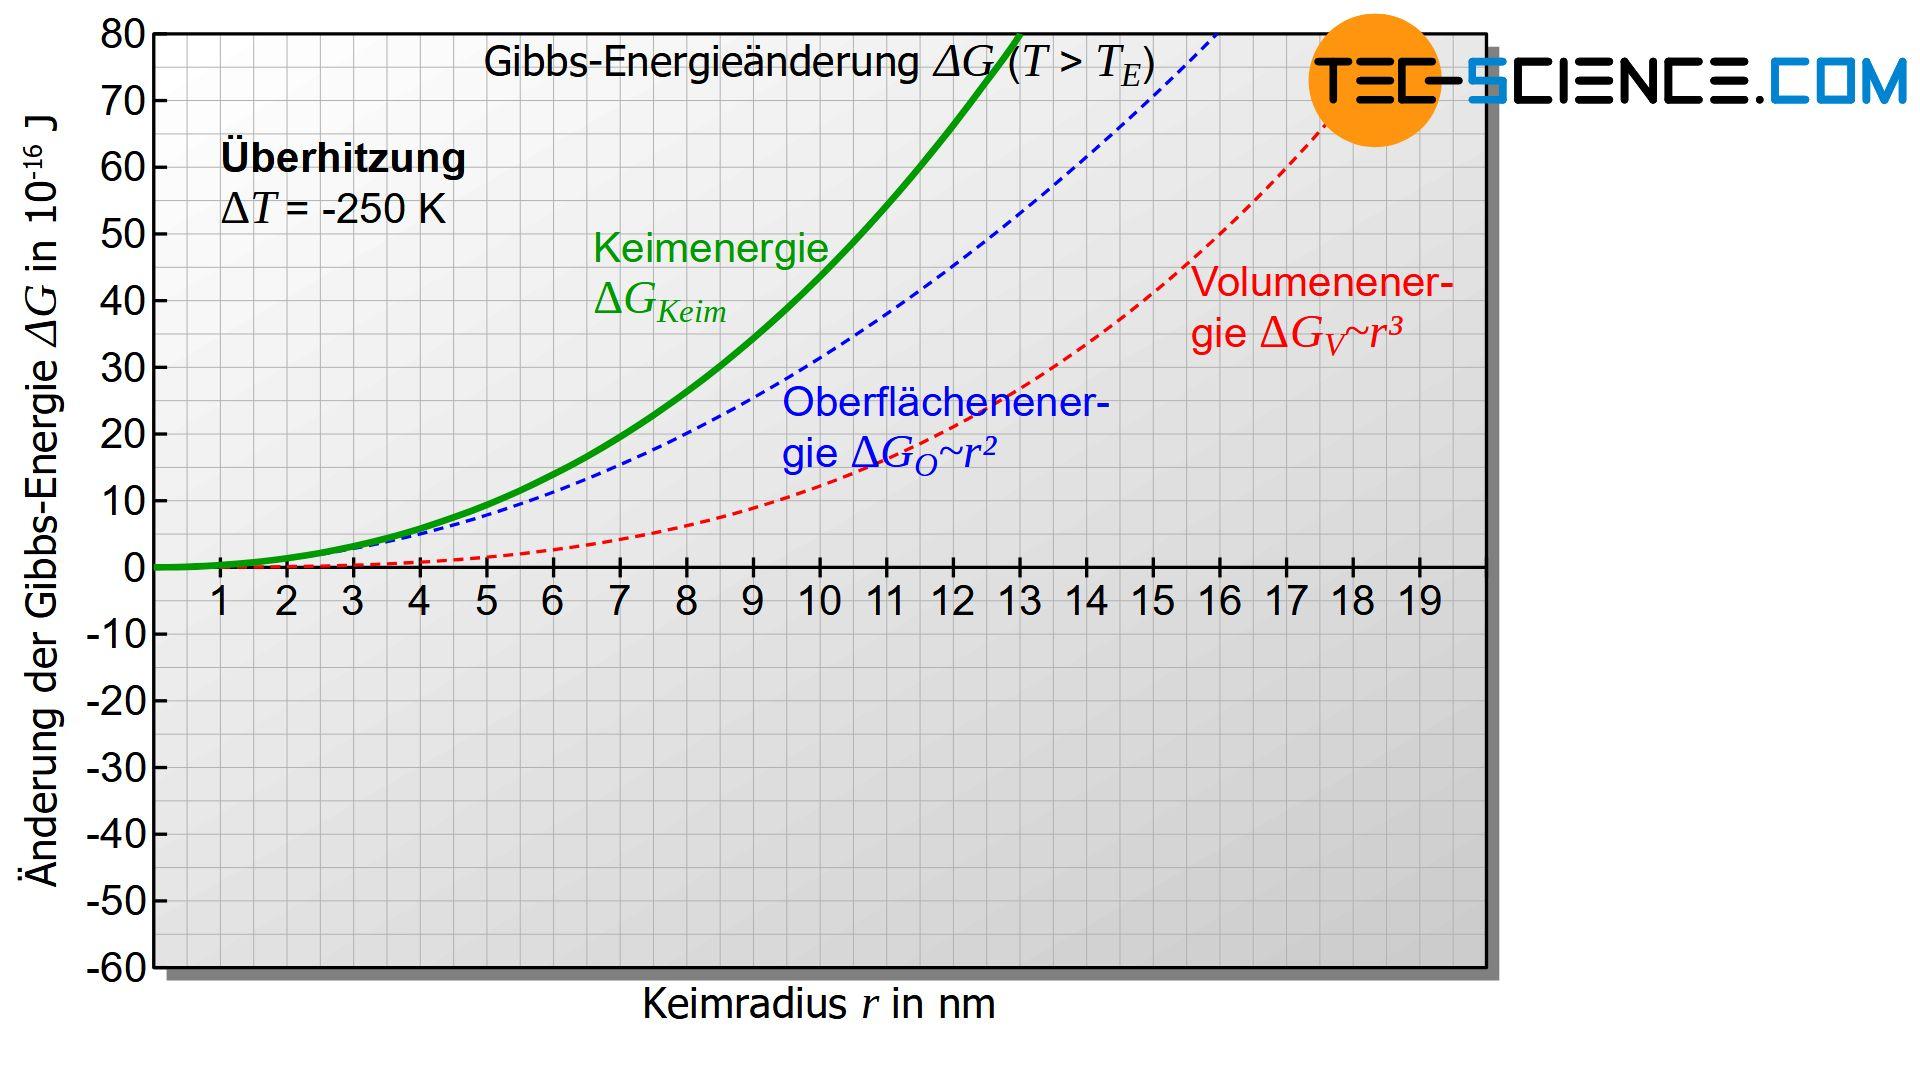 Änderung der Gibbs-Energie als Funktion des Keimradius bei Überhitzung